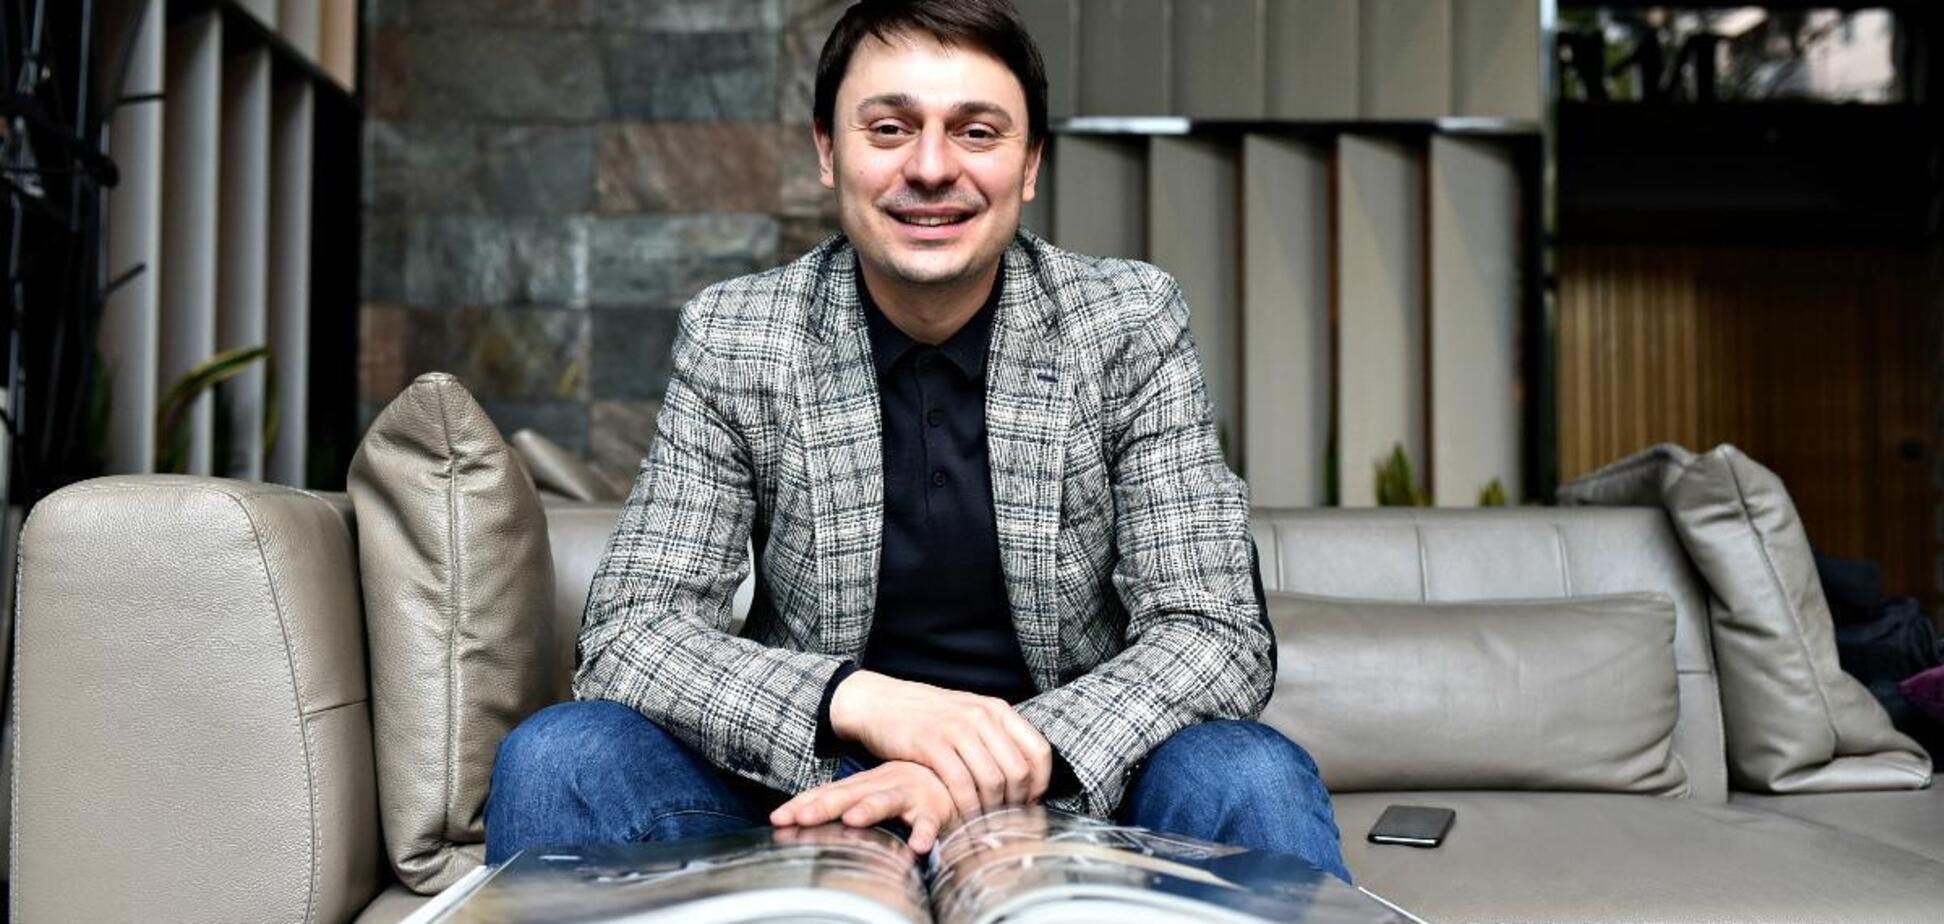 Действующий президент Федерации хоккея Украины Зубко: 'Бюрократы из Федерации – подонки и моральные импотенты'